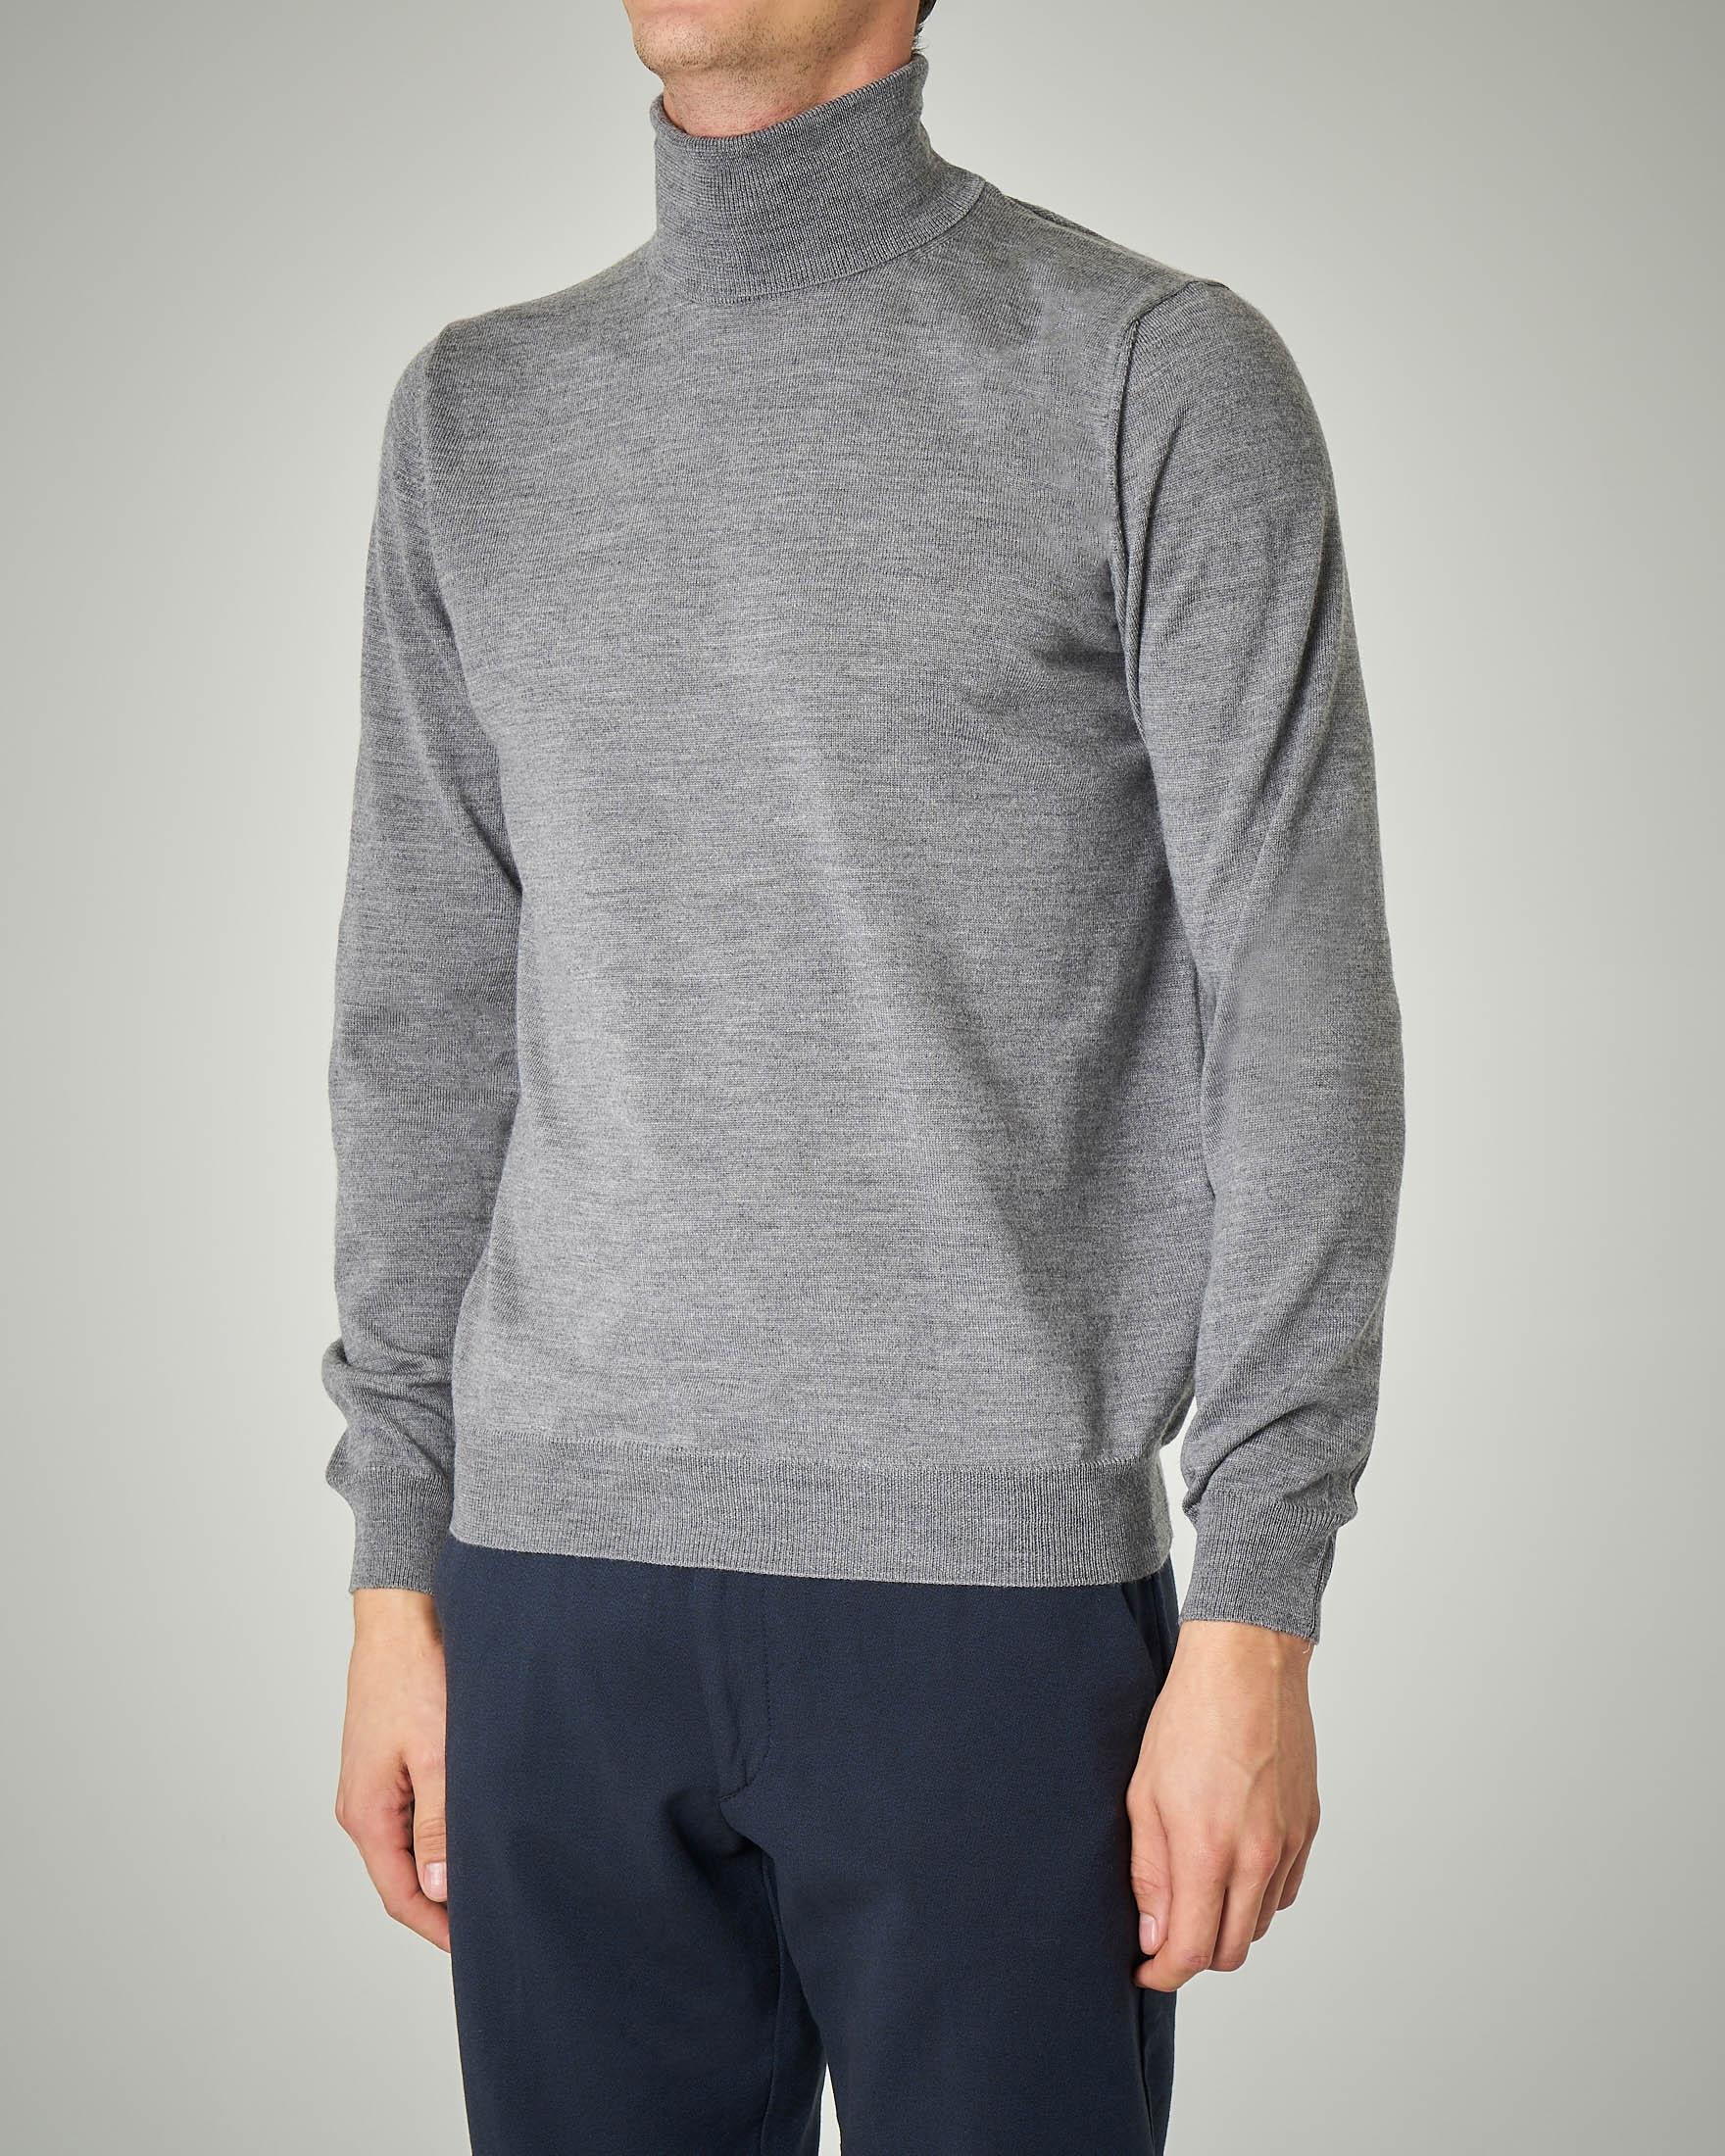 Dolcevita grigio in lana merino